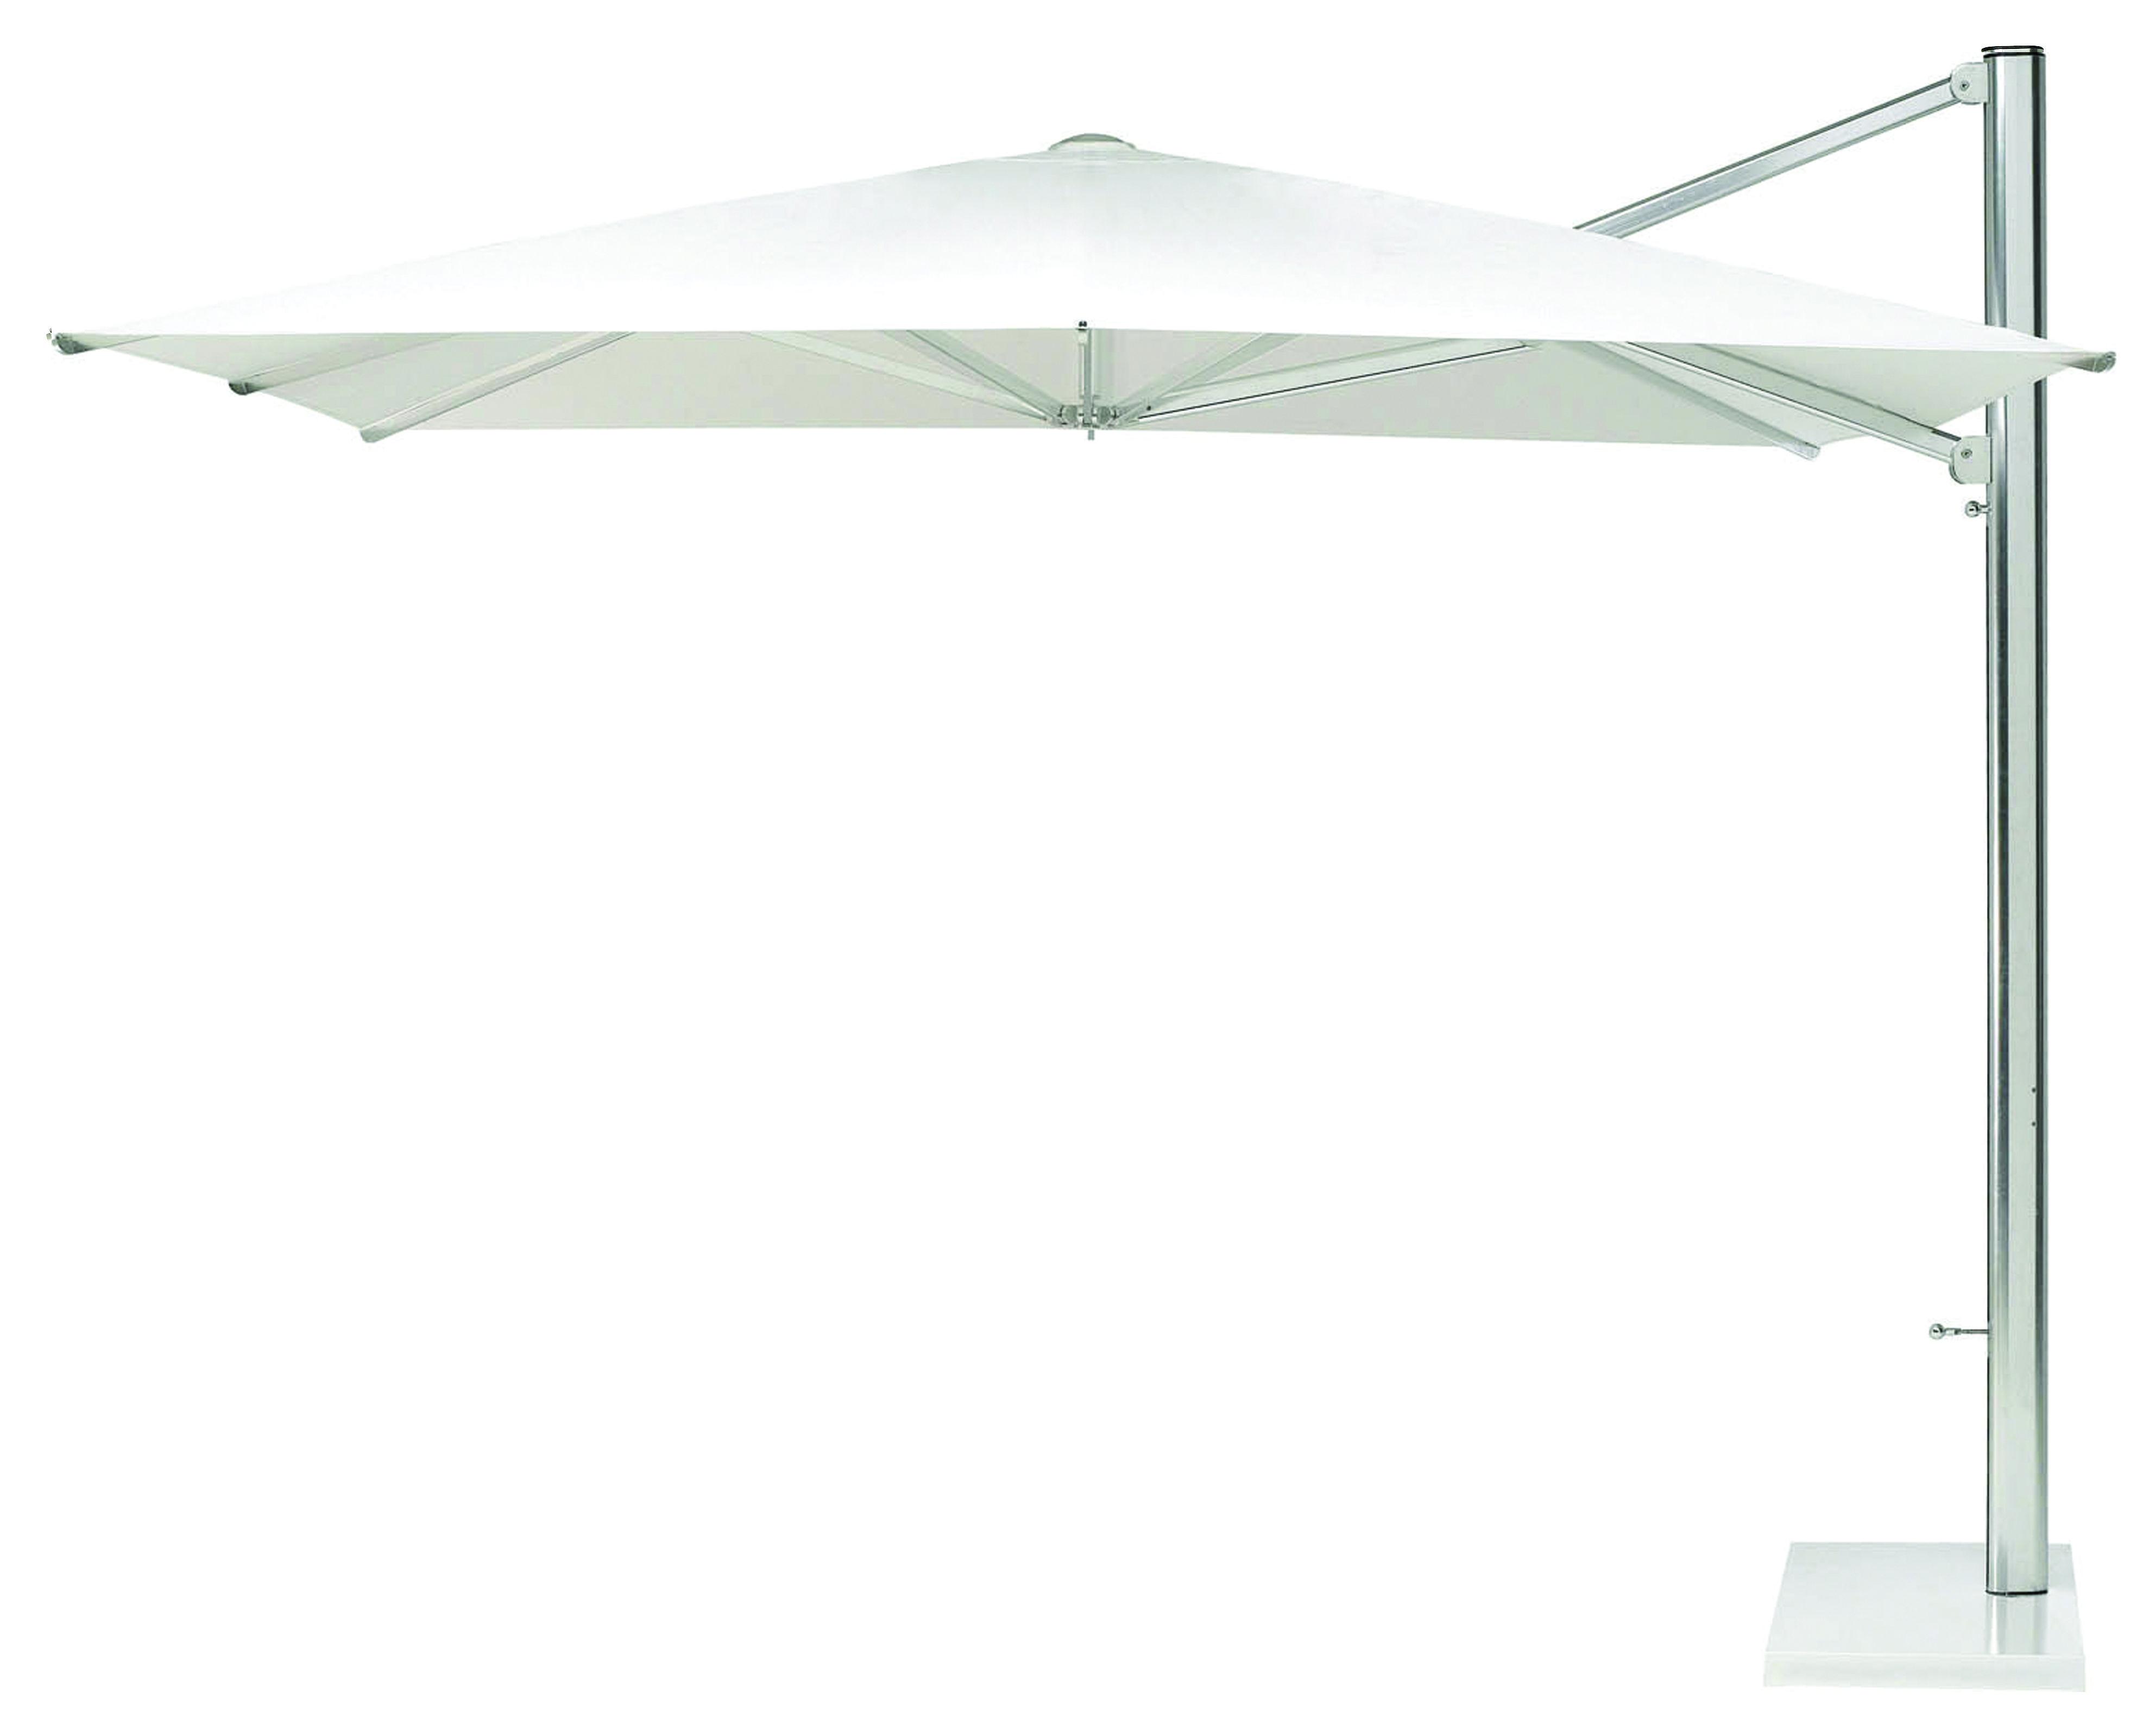 shade mit seitlichem fu 320 x 400 cm emu sonnenschirm. Black Bedroom Furniture Sets. Home Design Ideas